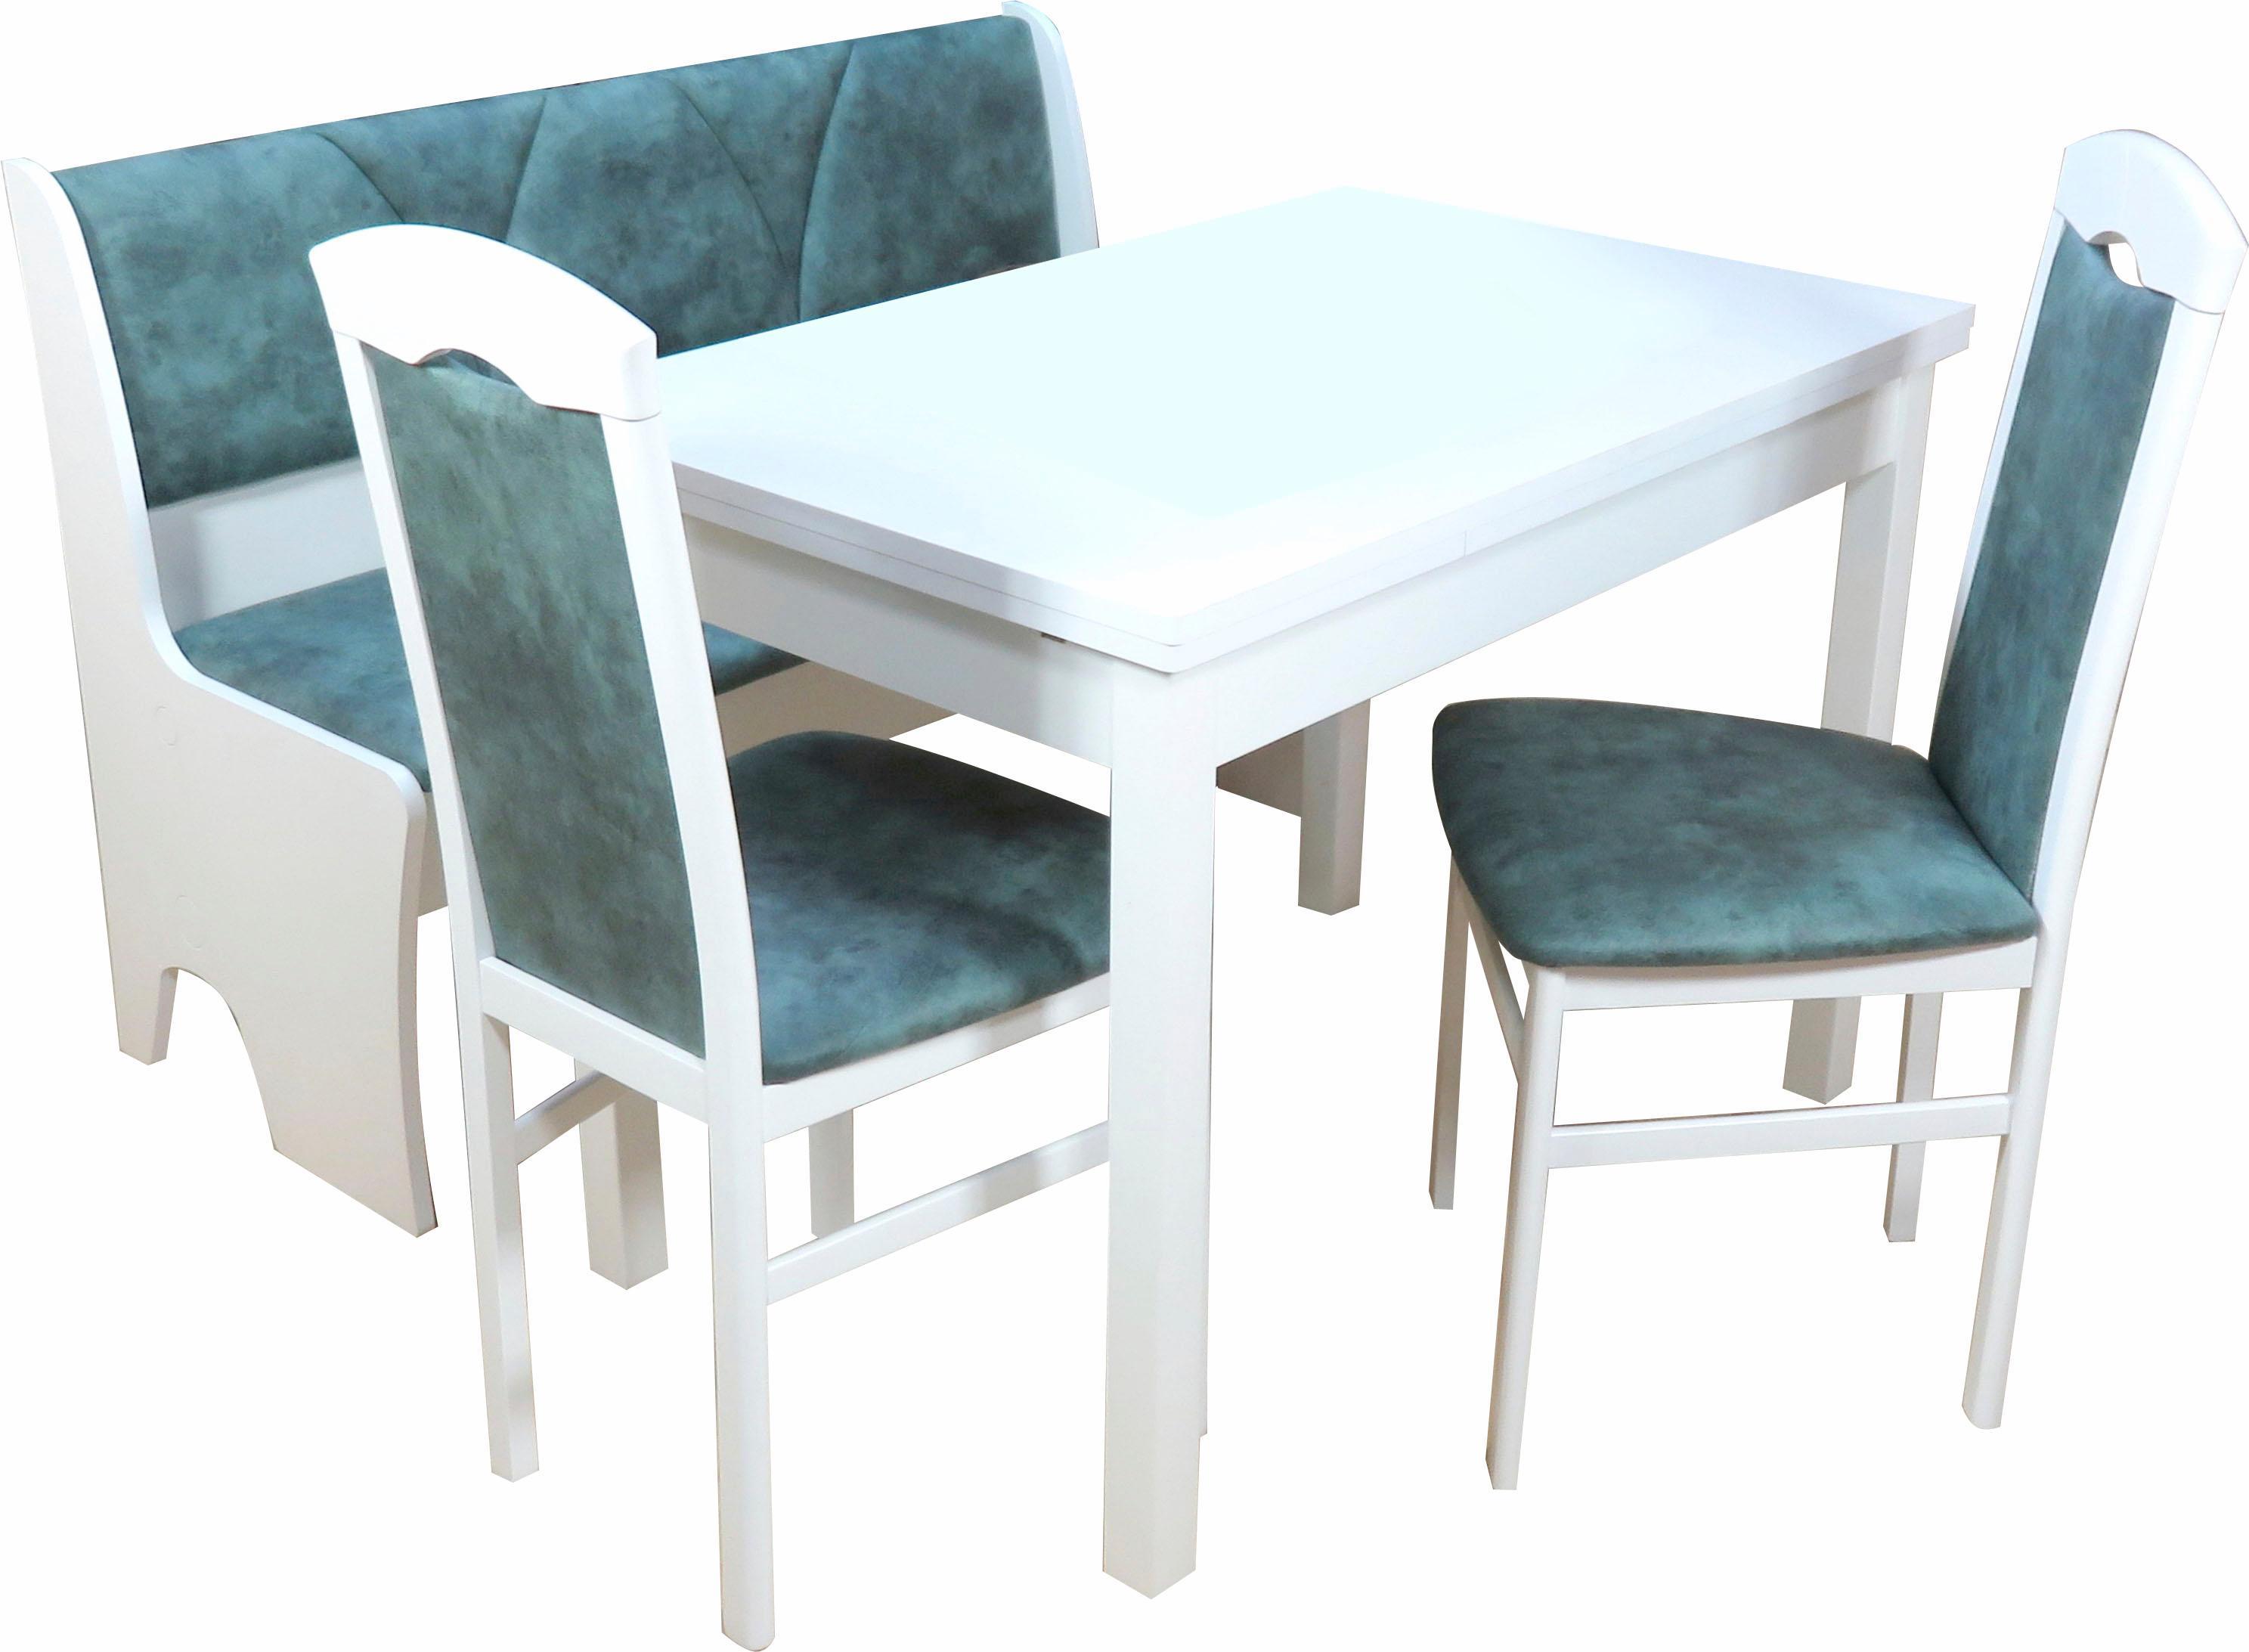 Sitzgruppe mit Truhenbank (4-tlg) | Küche und Esszimmer > Sitzbänke > Truhenbänke | Weiß | Buchenholz - Stoff - Buche - Massivholz - Melamin - Abs